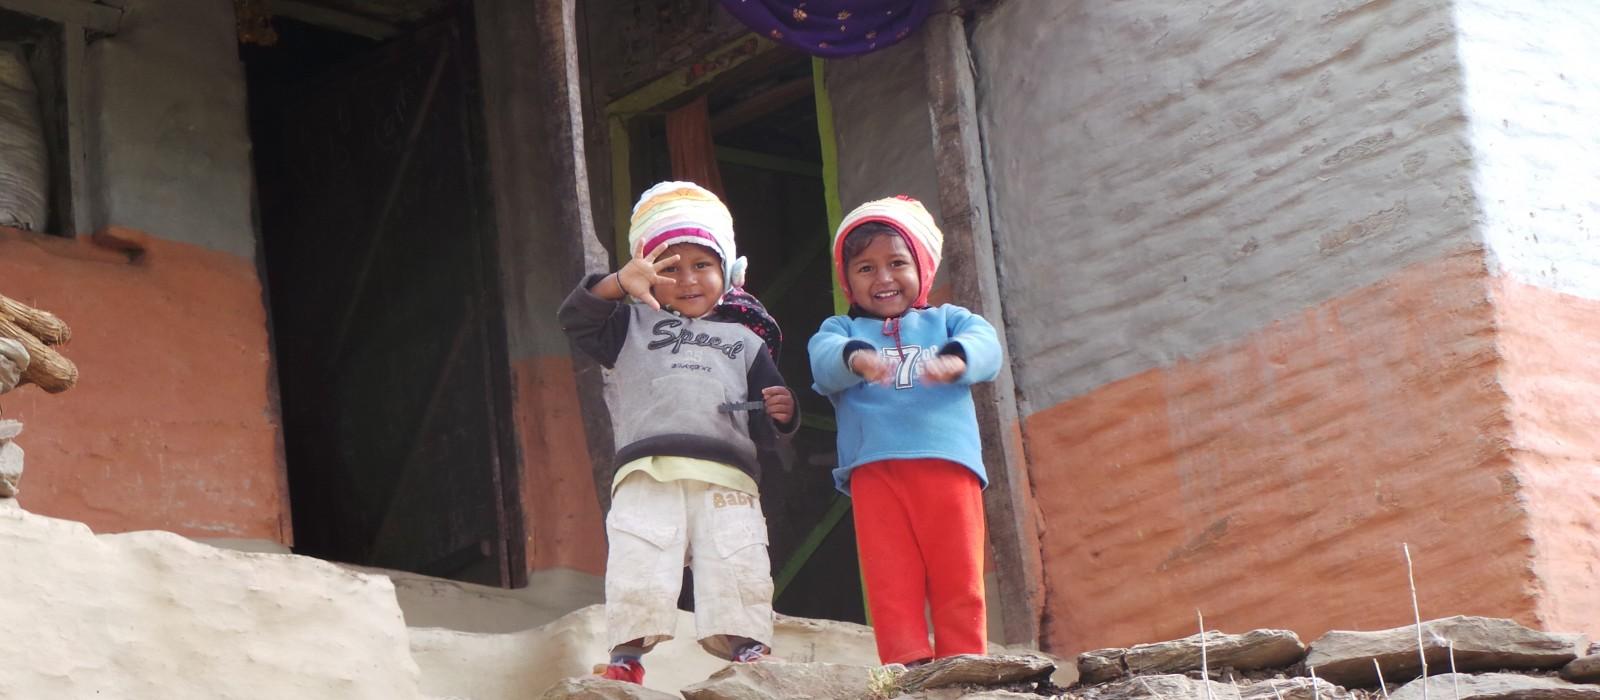 The Children of Nepal